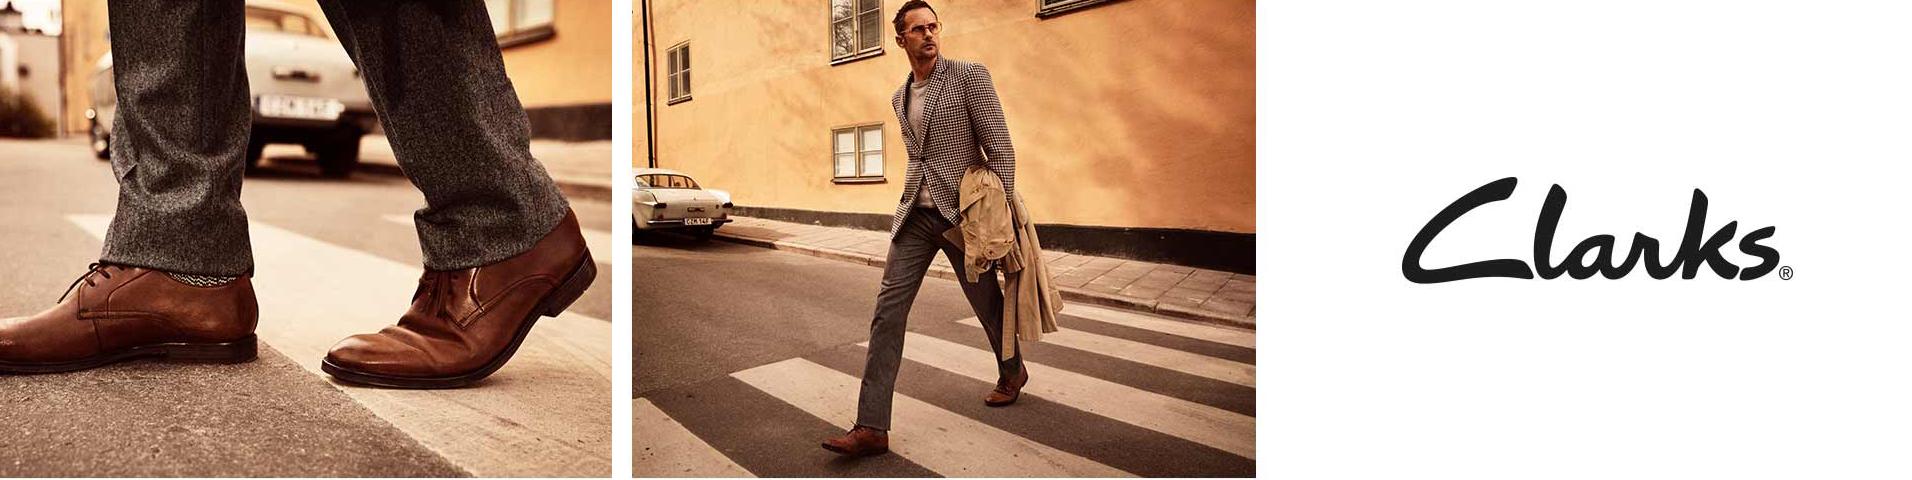 Herren Stiefel, bequemes Kleid & Casual Styles: Clarks